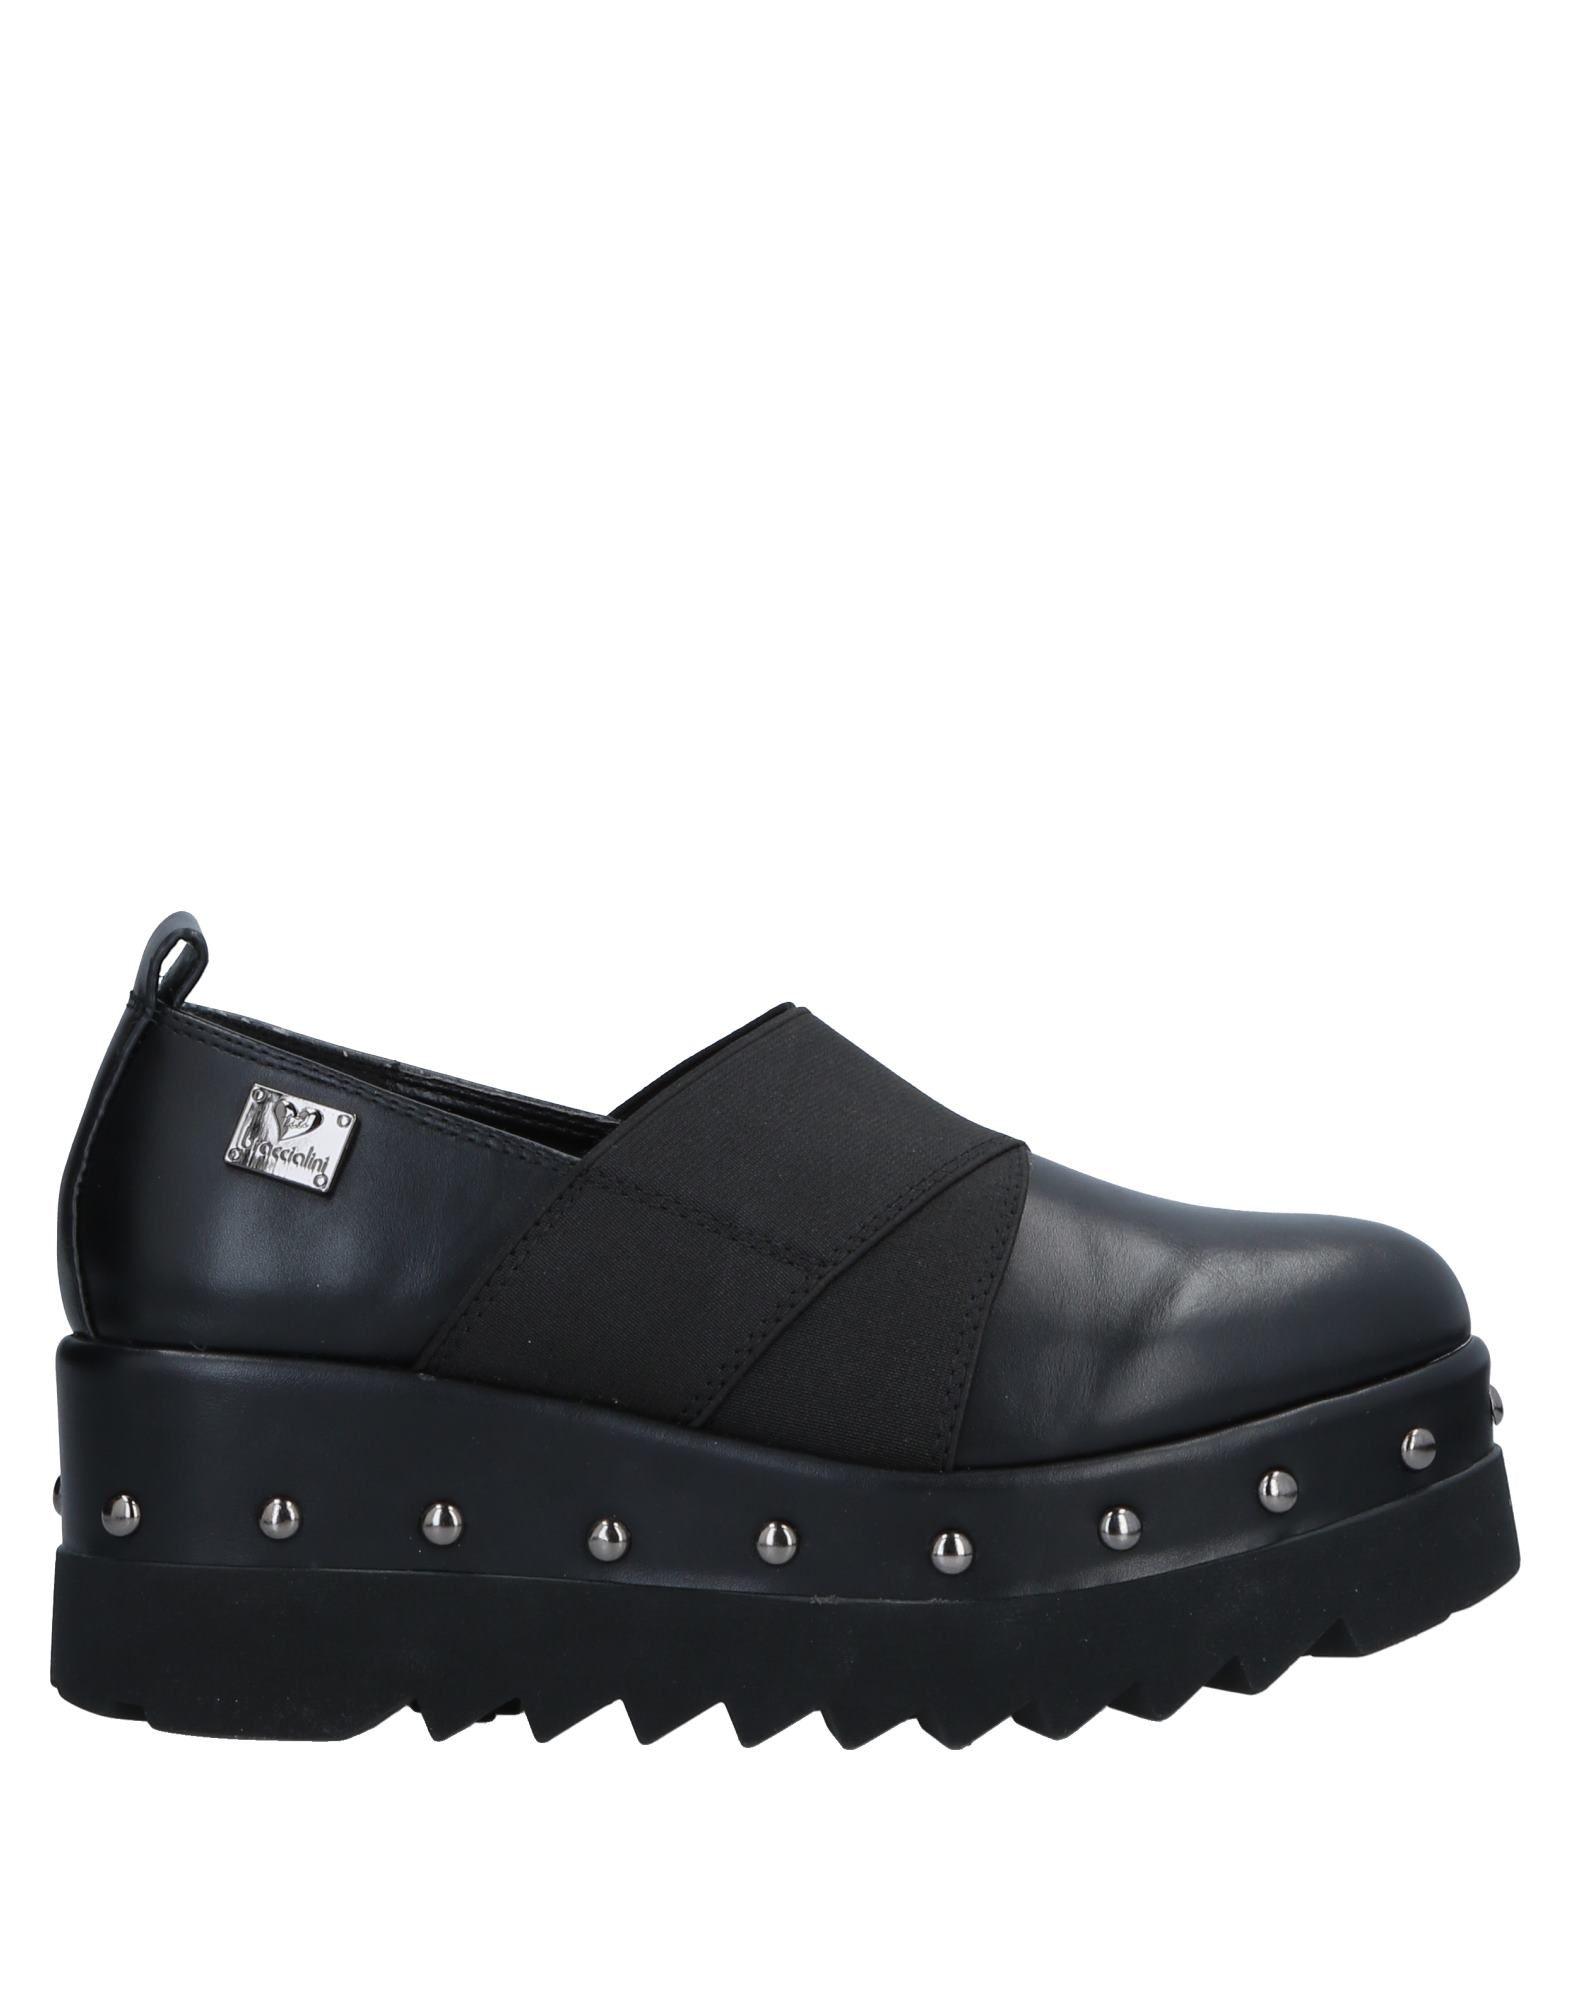 Tua By Braccialini Mokassins Damen  11528938CB Gute Qualität beliebte Schuhe